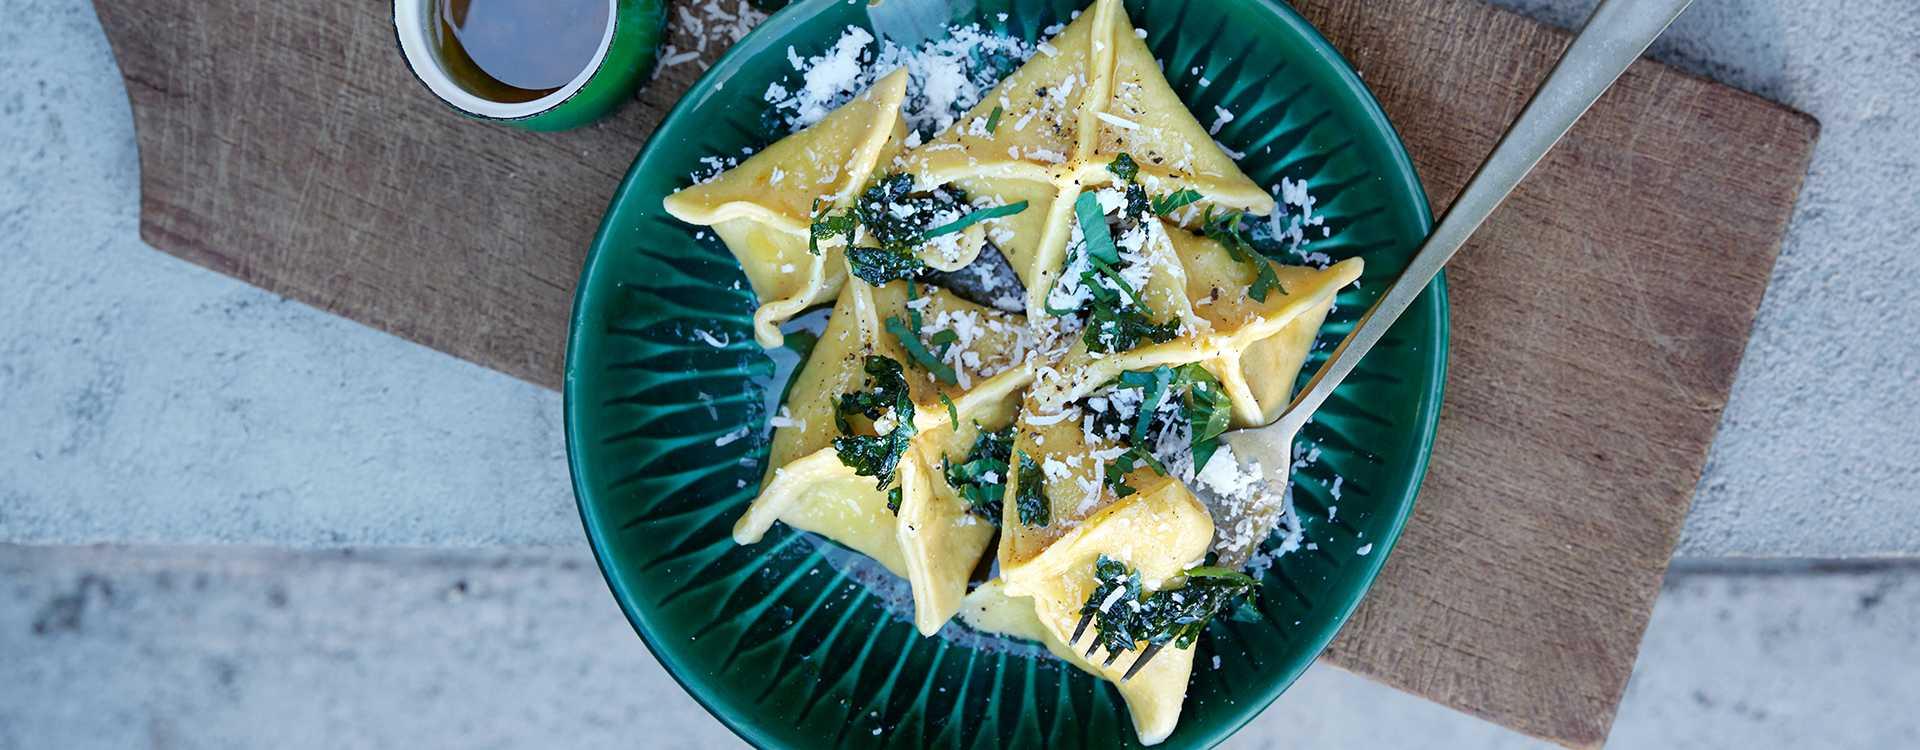 Tortelli fra Toscana med røkelaks og persille